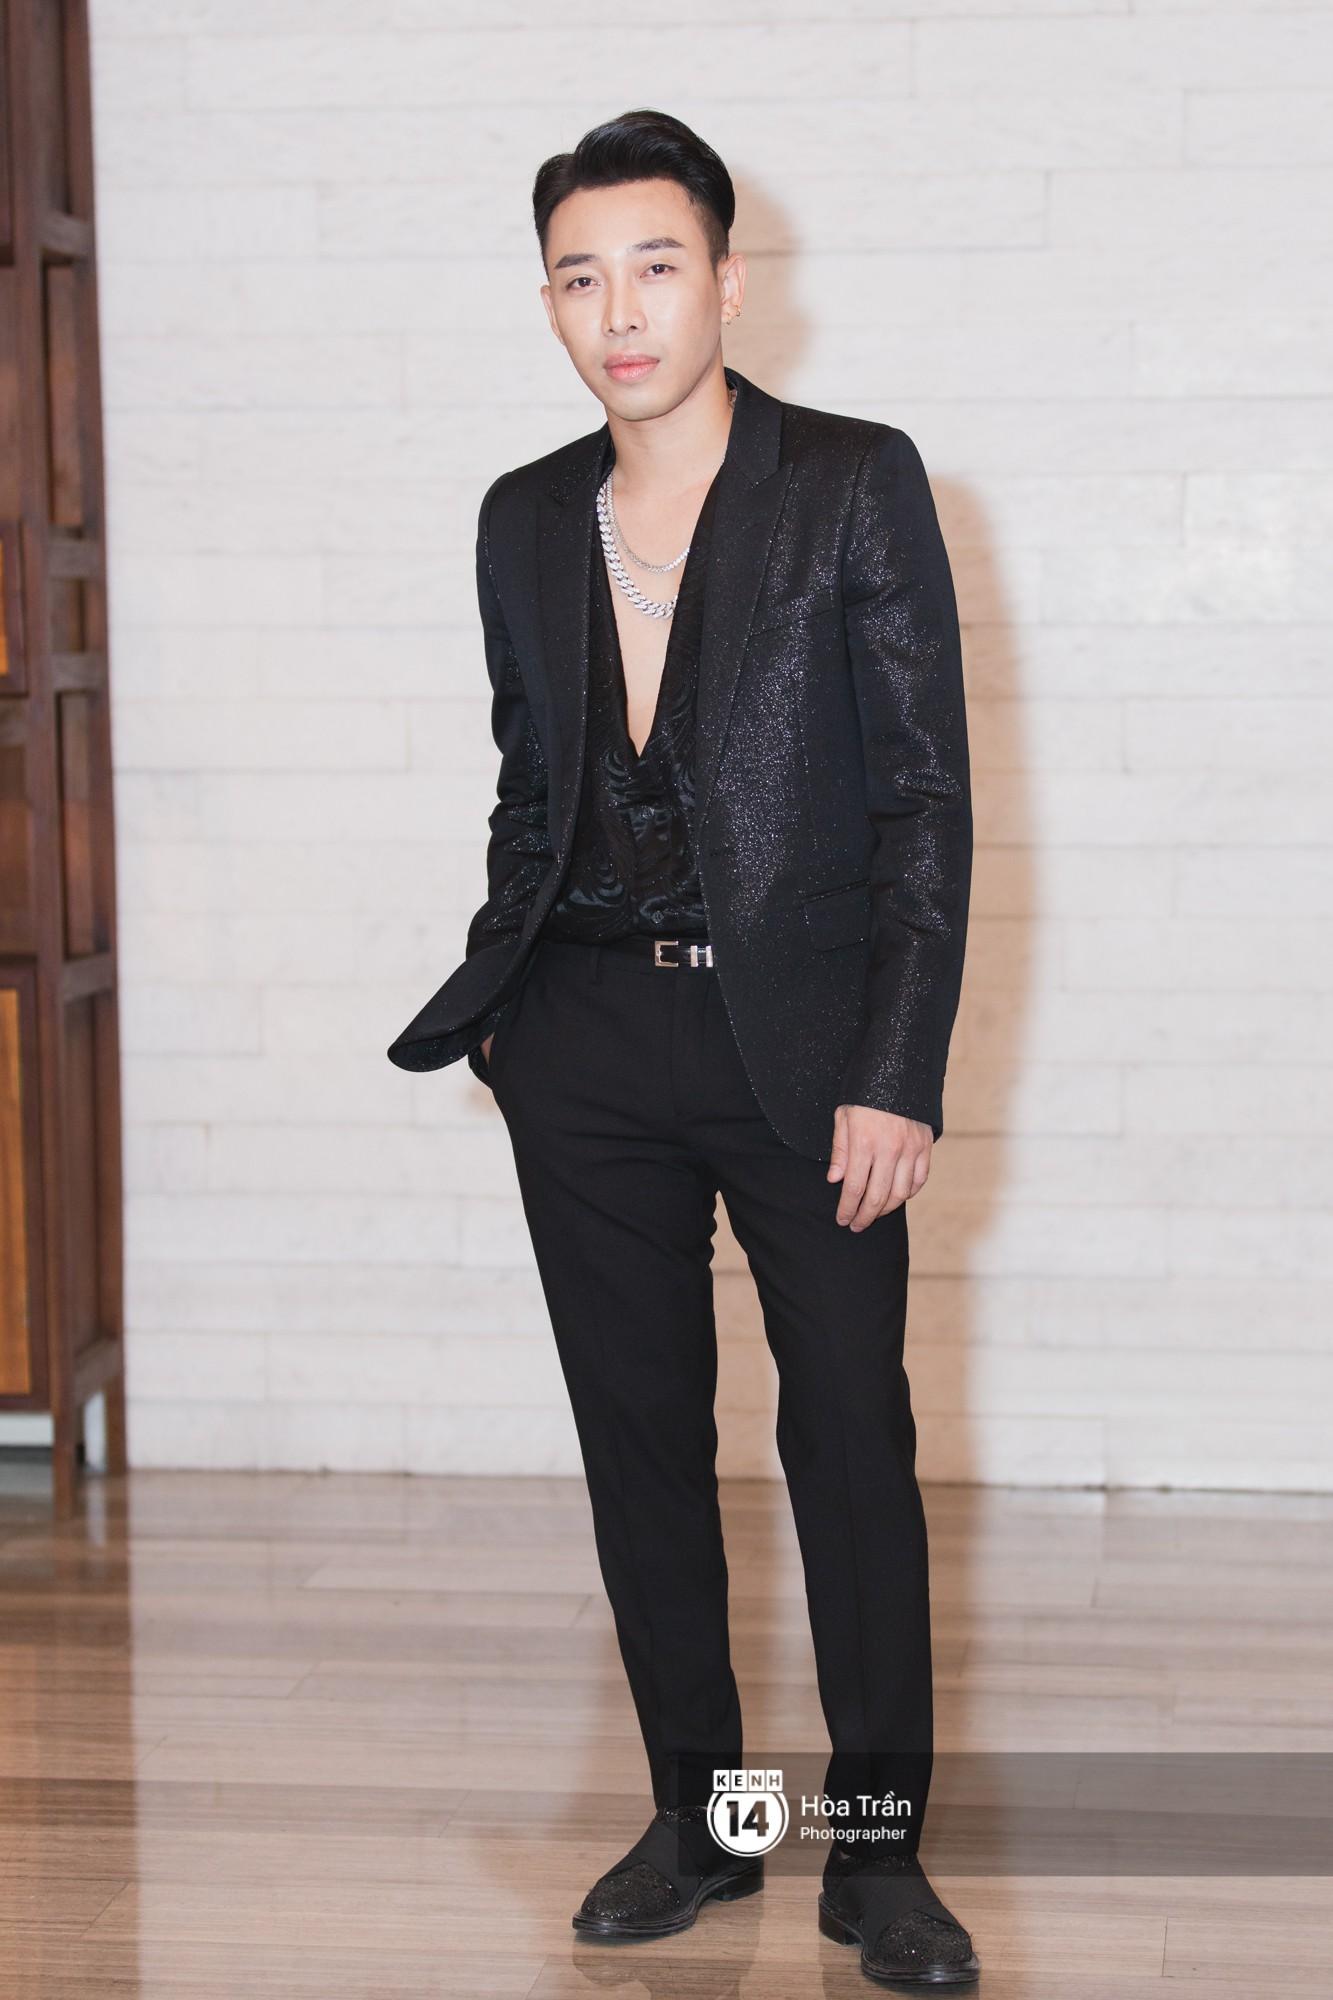 Giữa một dàn mỹ nhân giật giũ như Hari và Jun Vũ, Hoa hậu Đặng Thu Thảo giản dị mà vẫn trội bật - Ảnh 29.